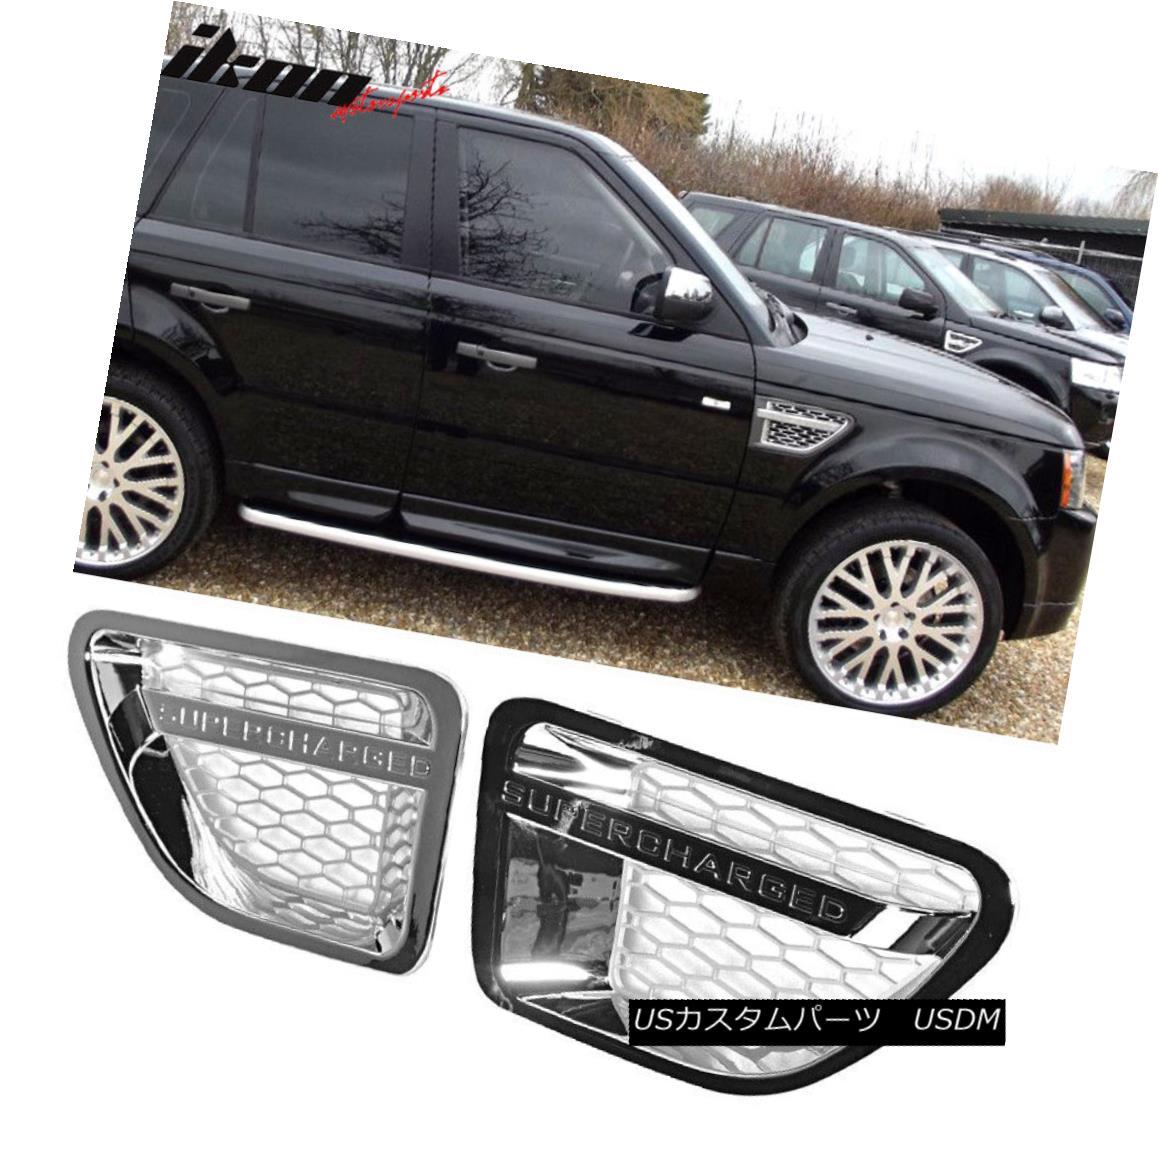 グリル Fits 06-10 Land Rover Range Rover Sport Supercharged Mesh Chrome Side Vent 06-10ランドローバーレンジローバースポーツスーパーチャージドメッシュクロームサイドベント